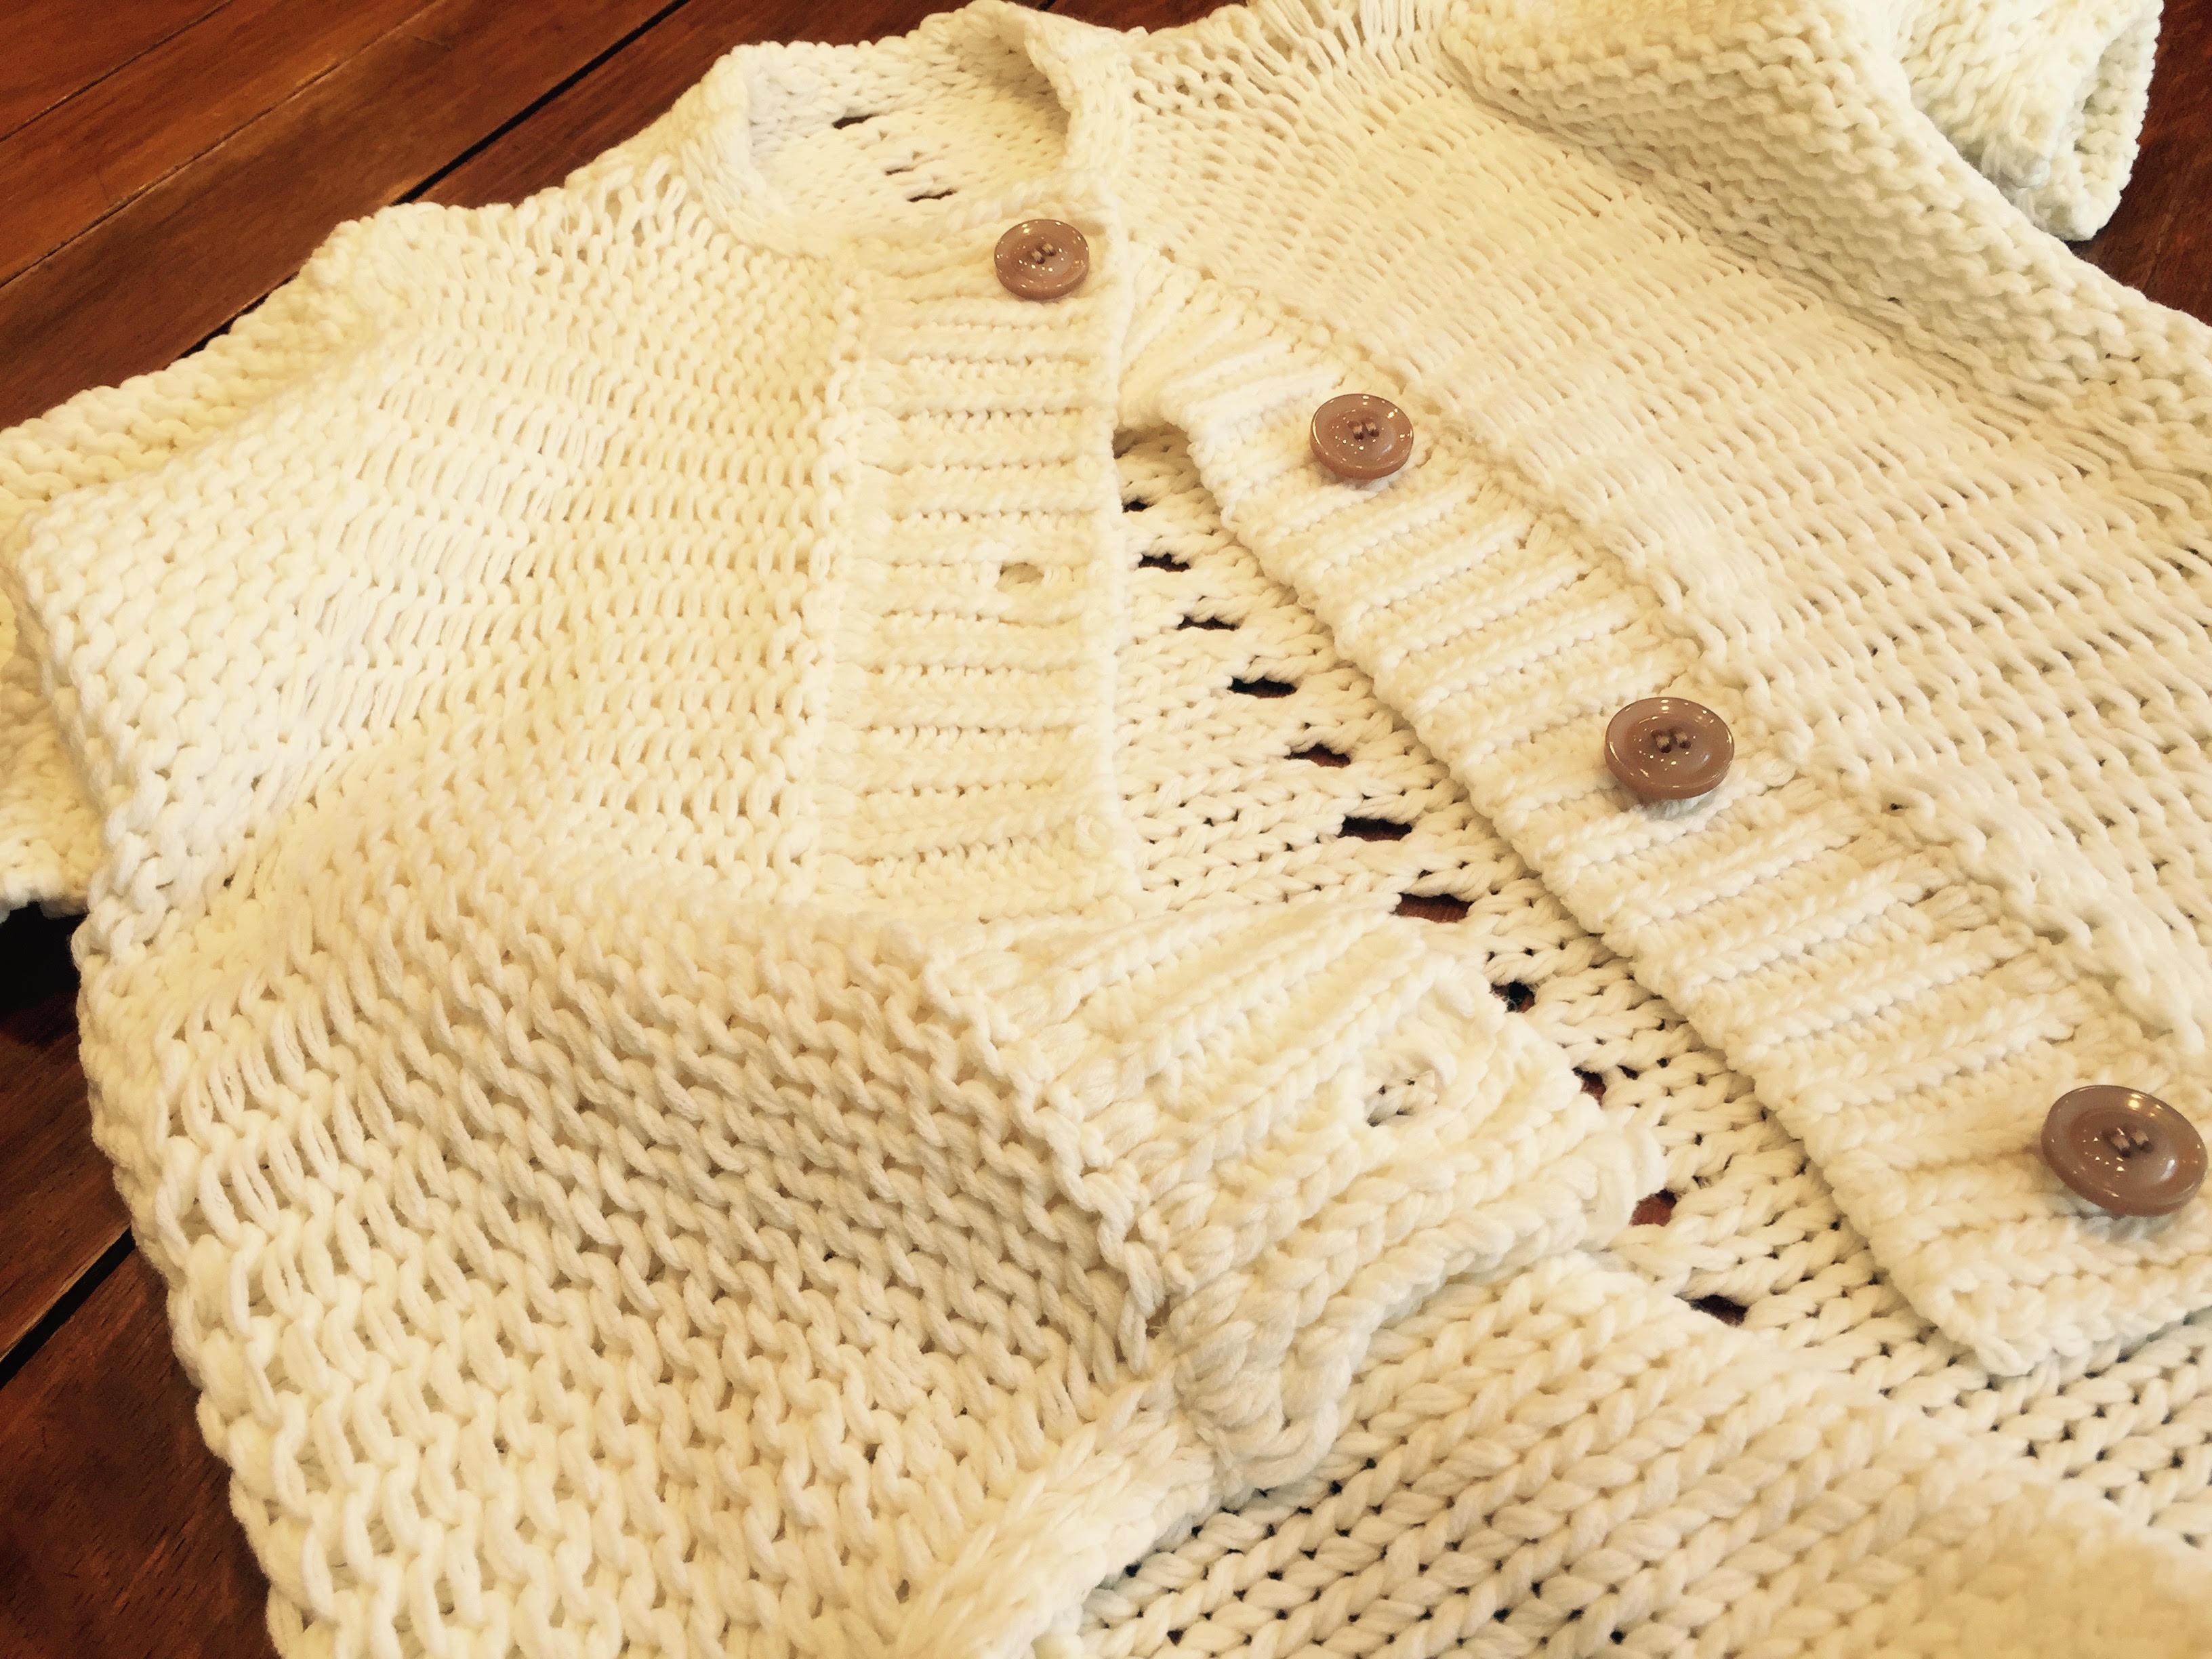 明日から大阪で丸安毛糸の18S/S向けのニット 素材・ニット製品の展示会が始まります。